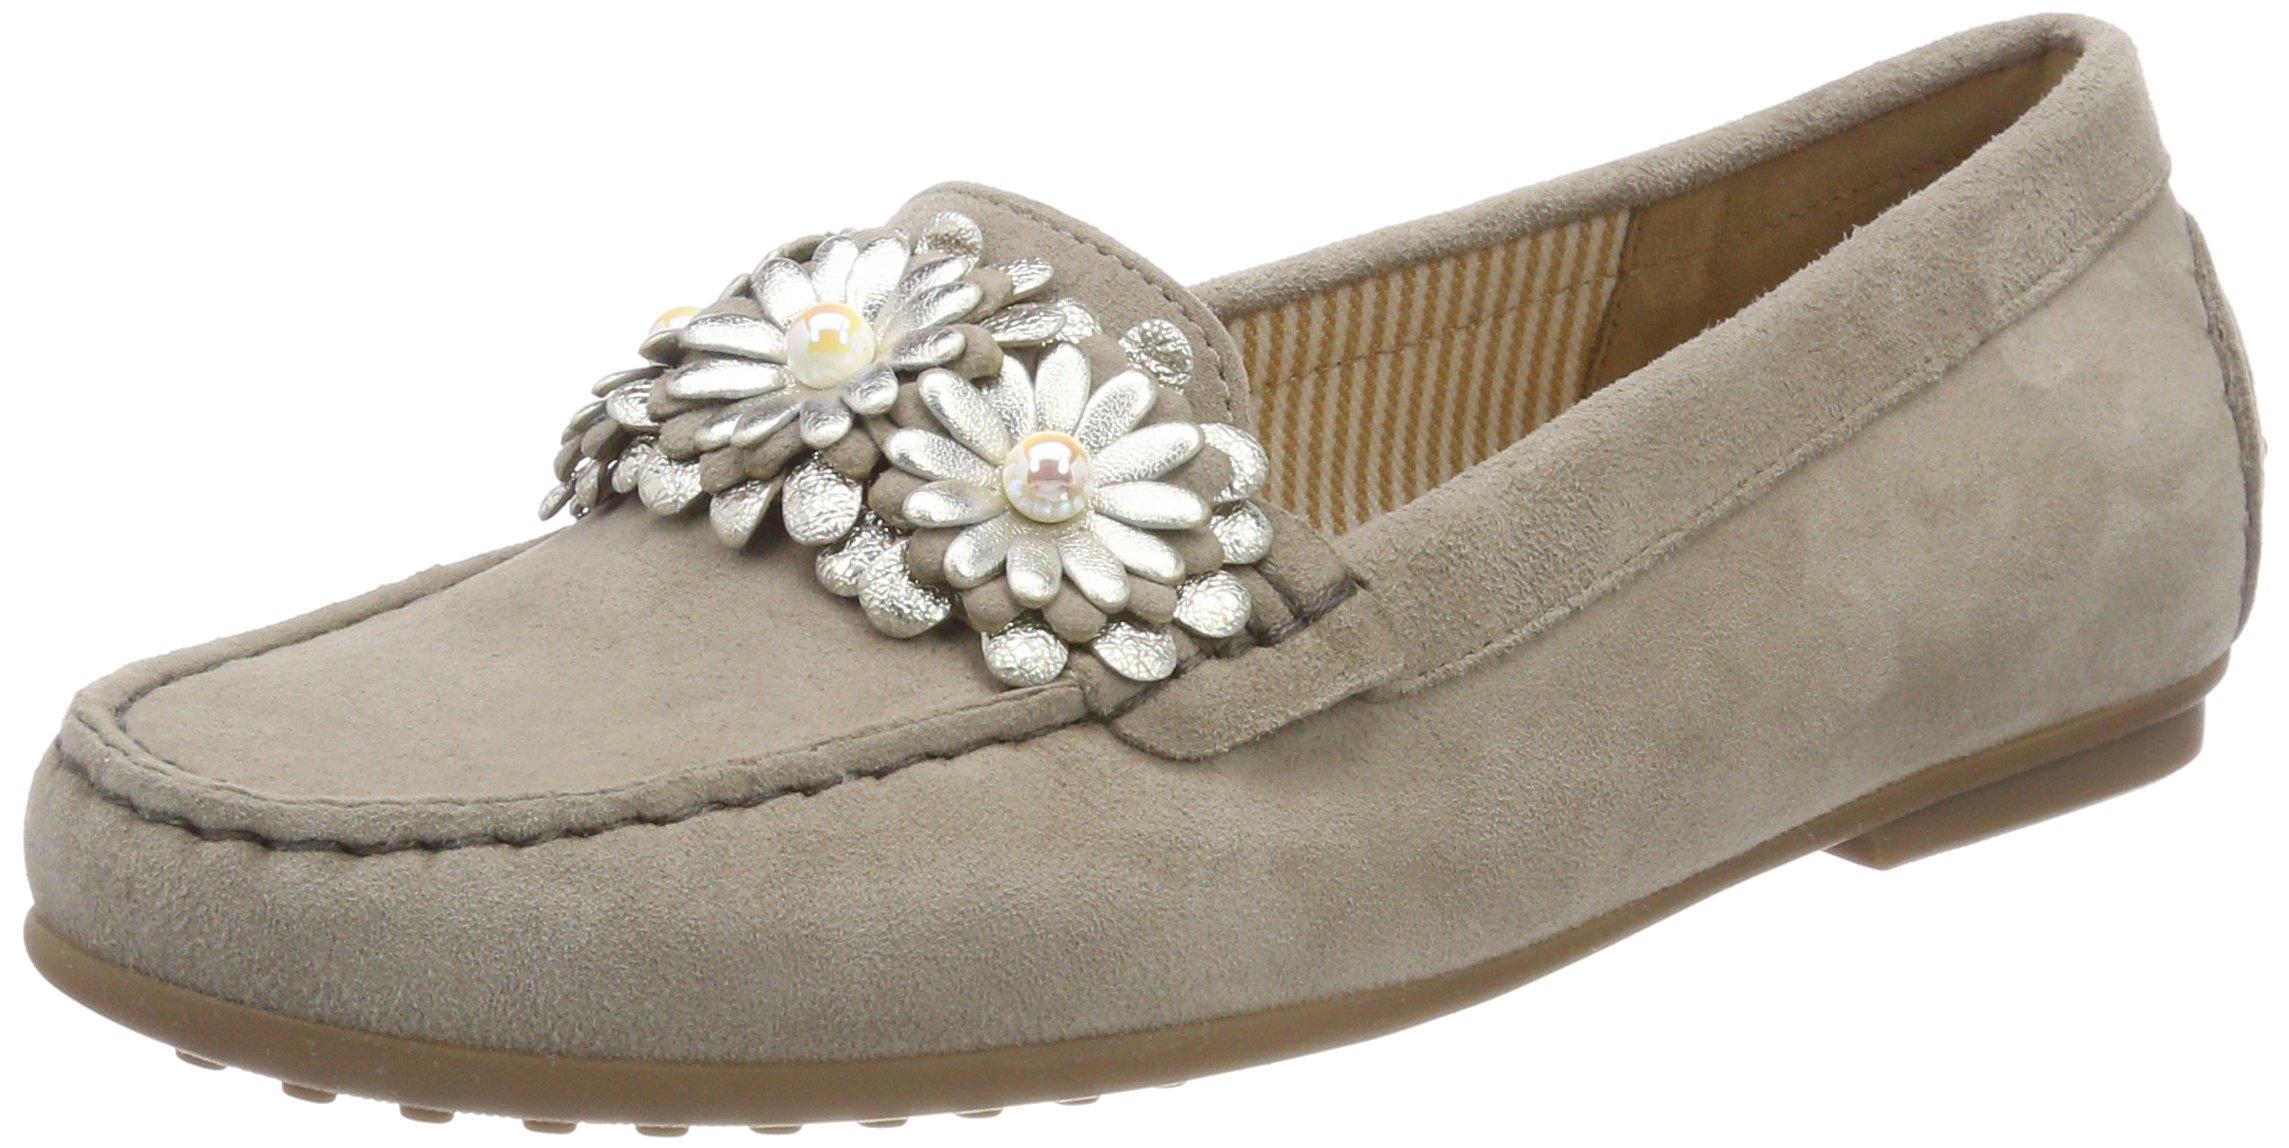 Eu CasualMocassins powder38 Gabor Shoes FemmeMarronvisone v0OPmwynN8